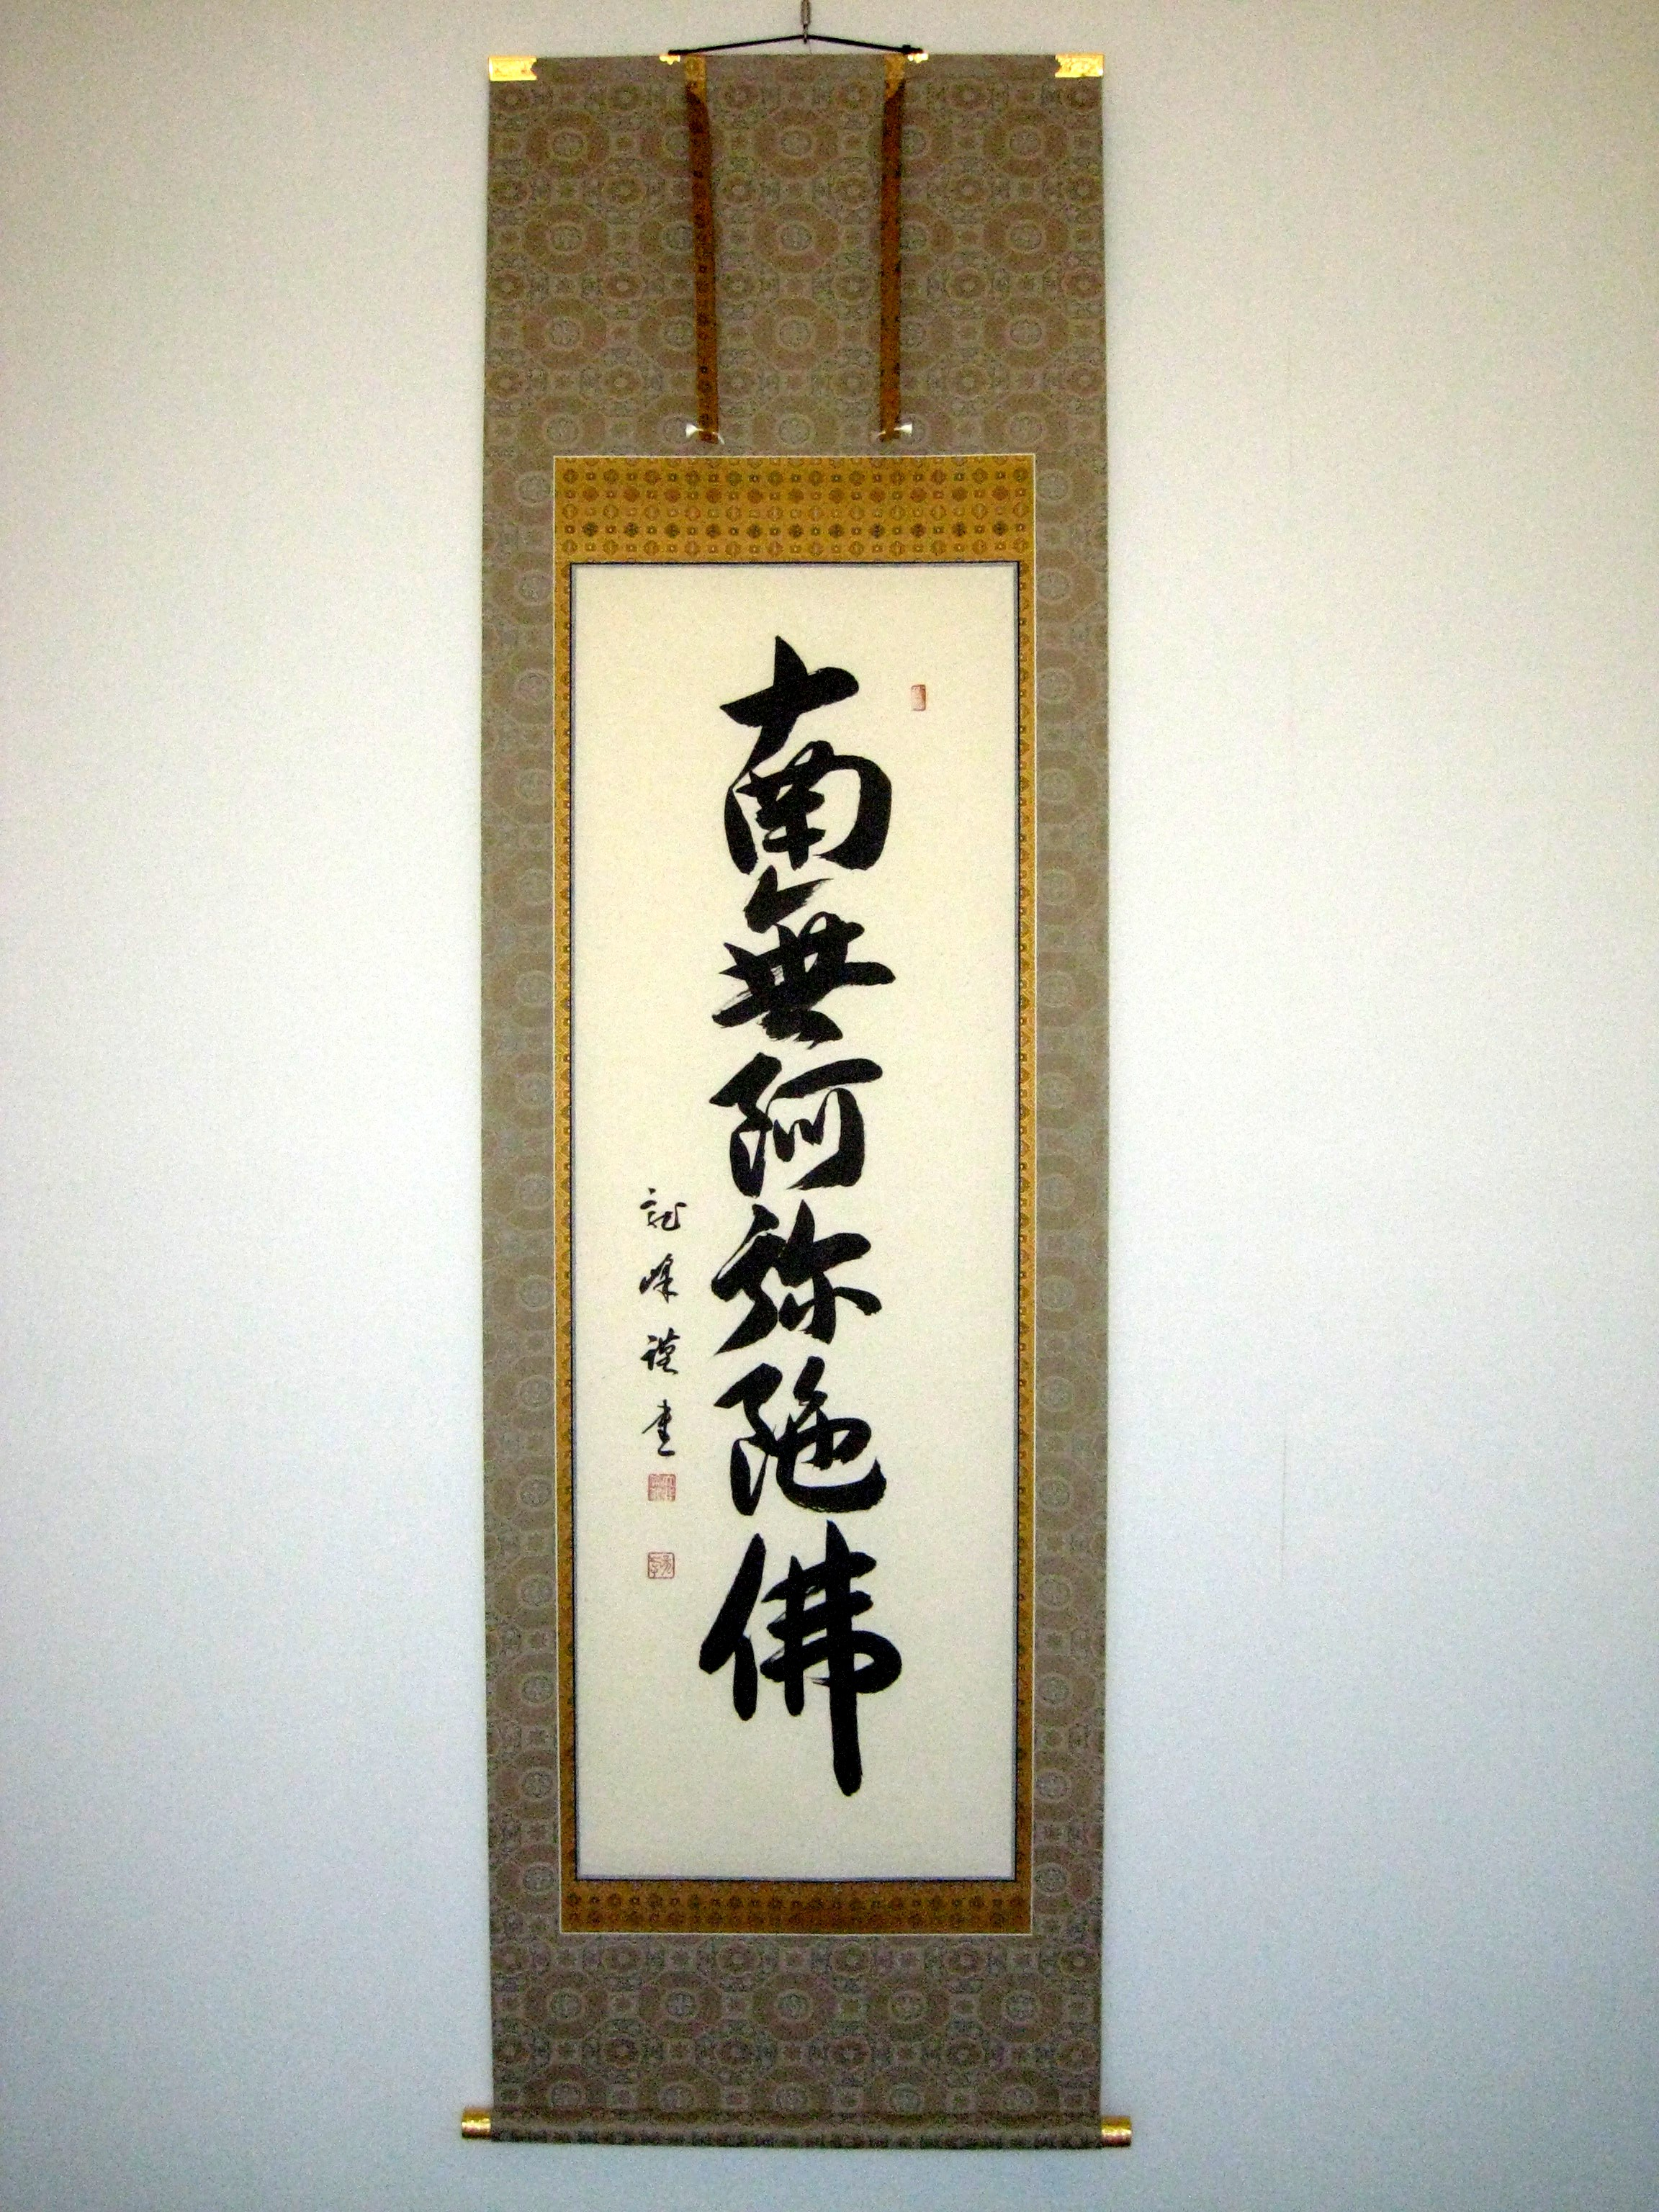 掛け軸 六字名号 大谷龍峰 尺三立